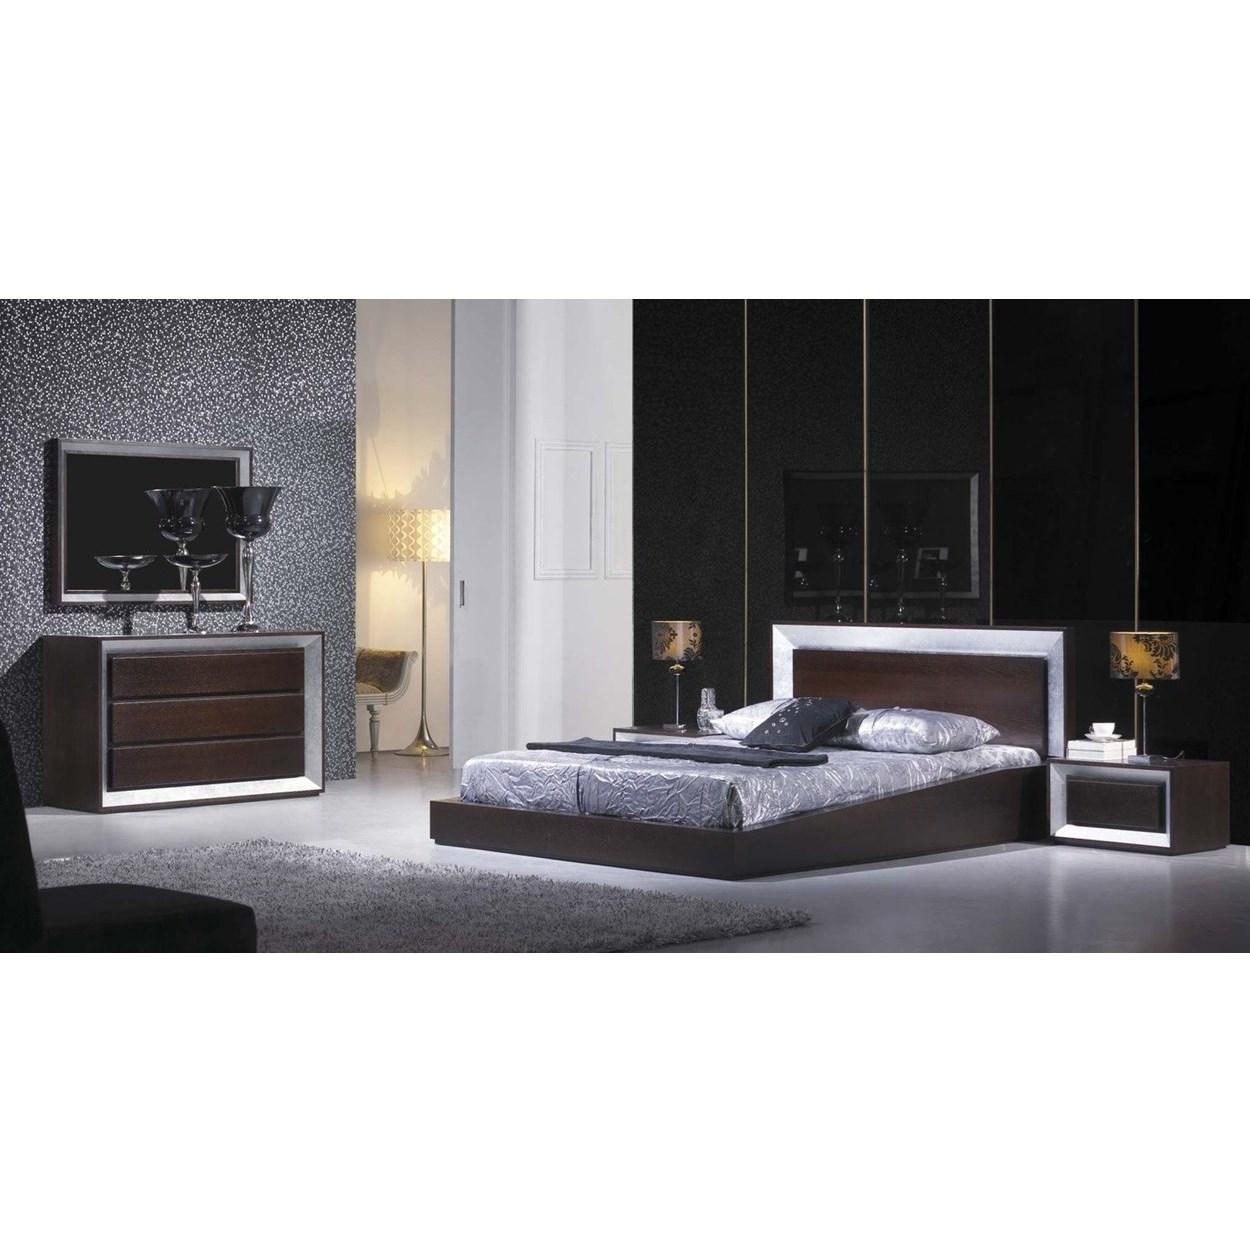 silver leaf bedroom sets photo - 2